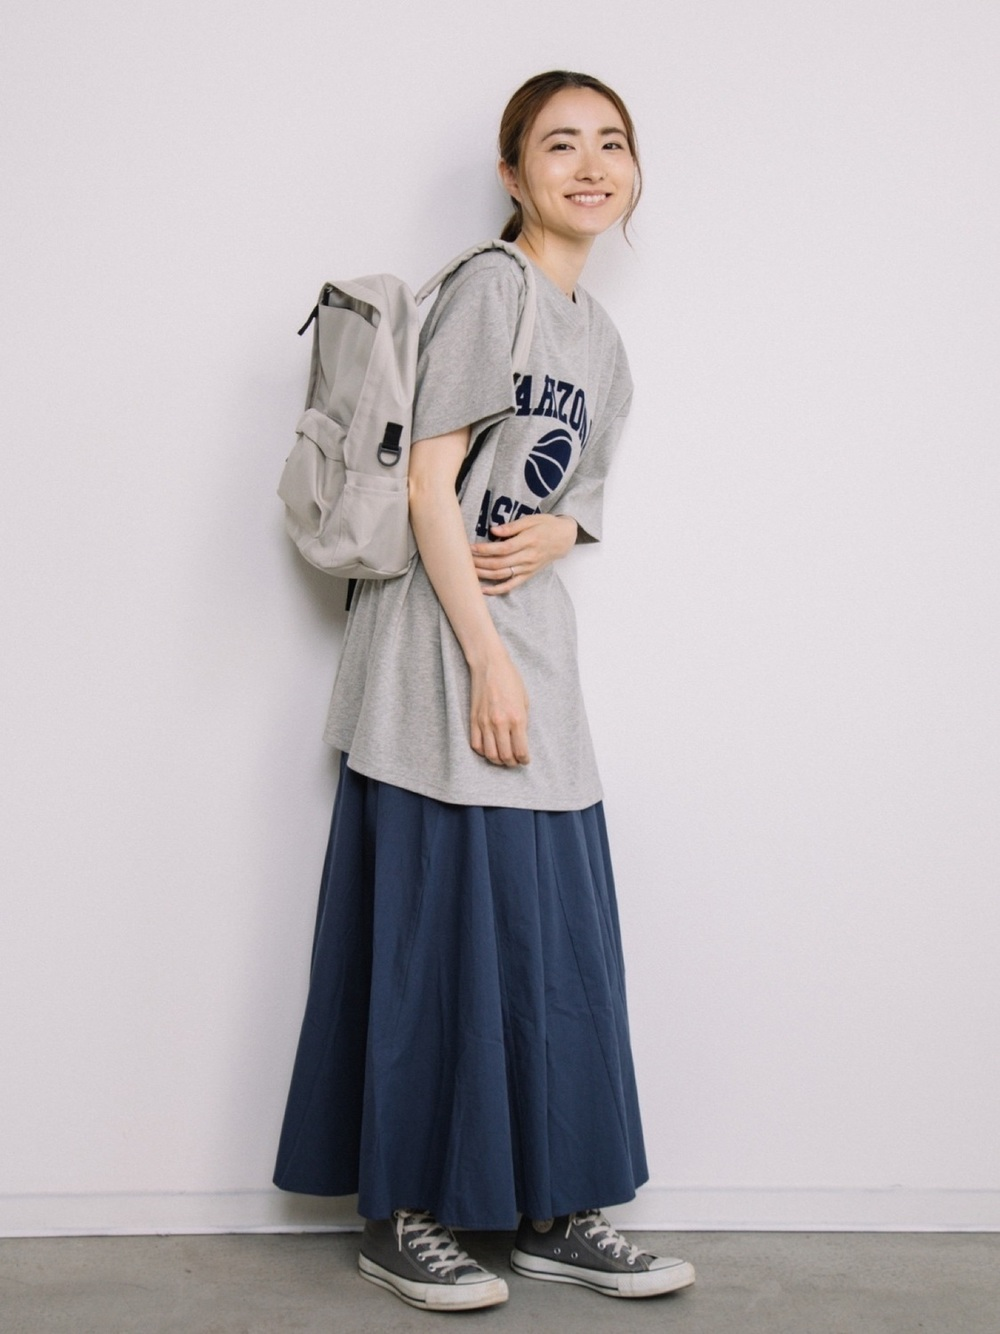 無印良品のライトベージュリュックサックにTシャツとスカートのコーデ